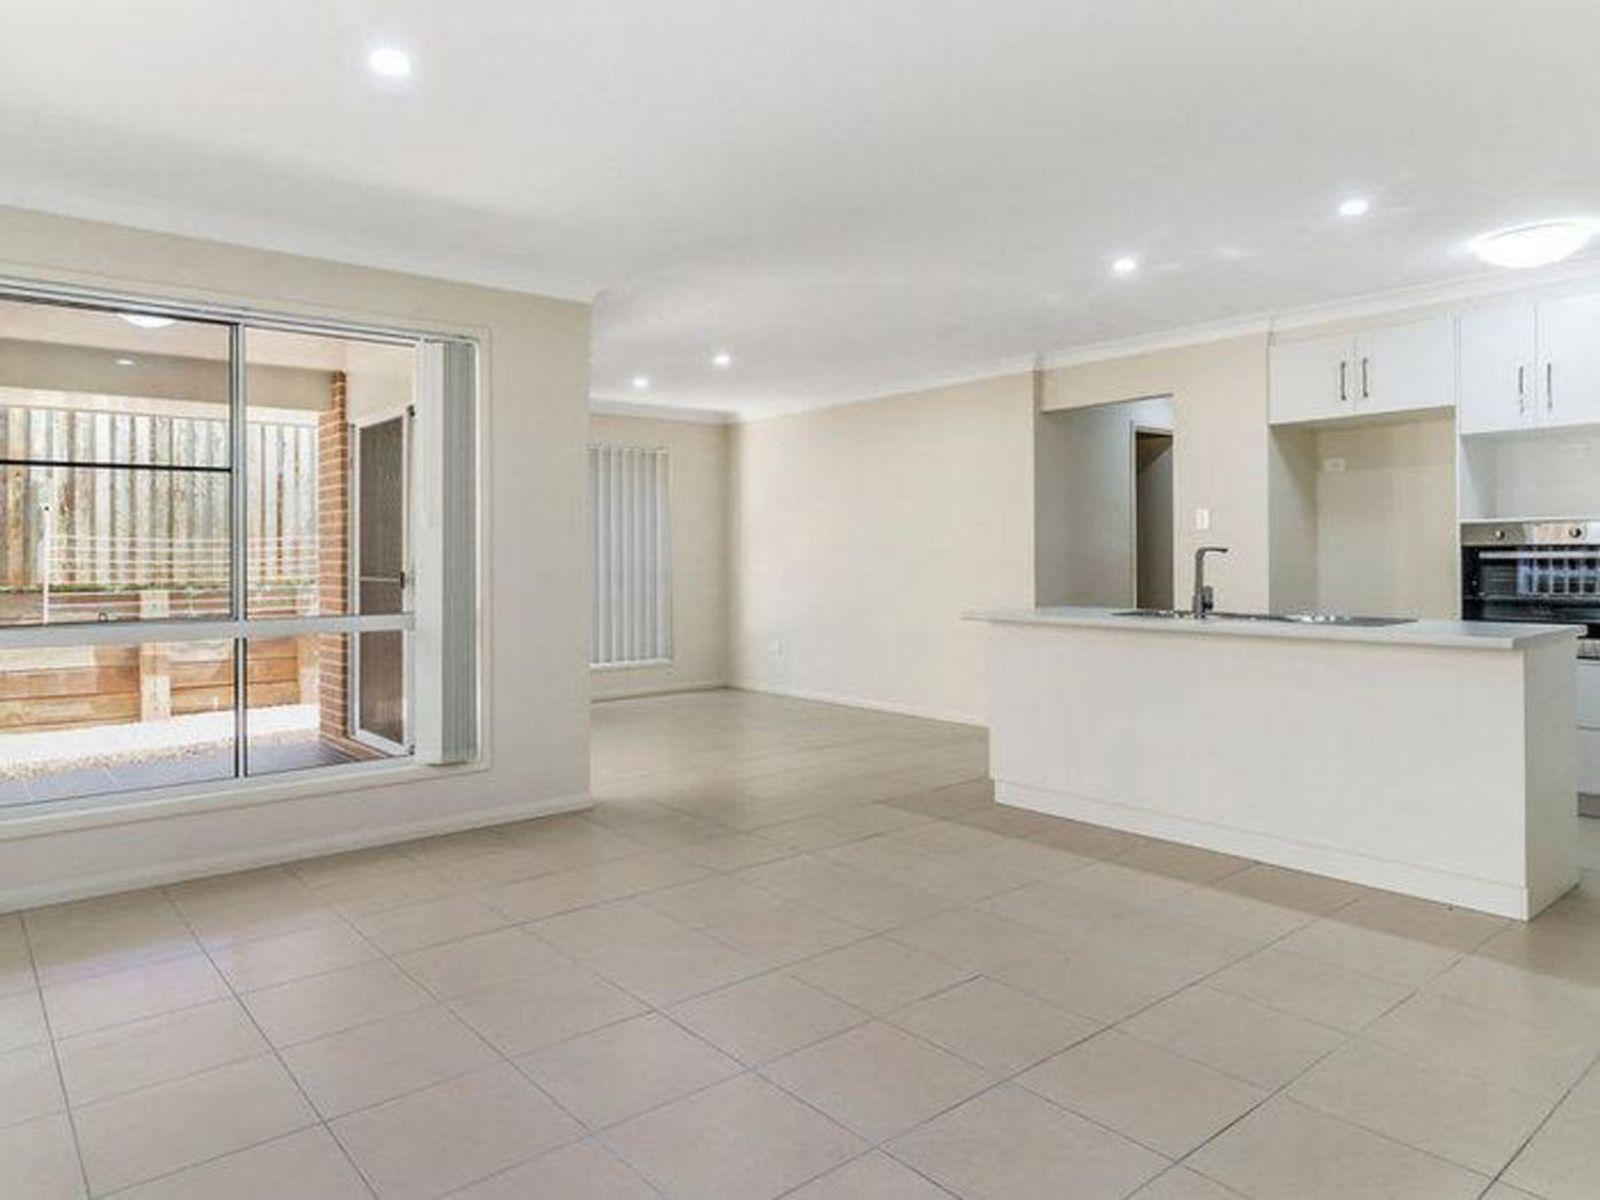 3/270A Bridge Street, Newtown, QLD 4350